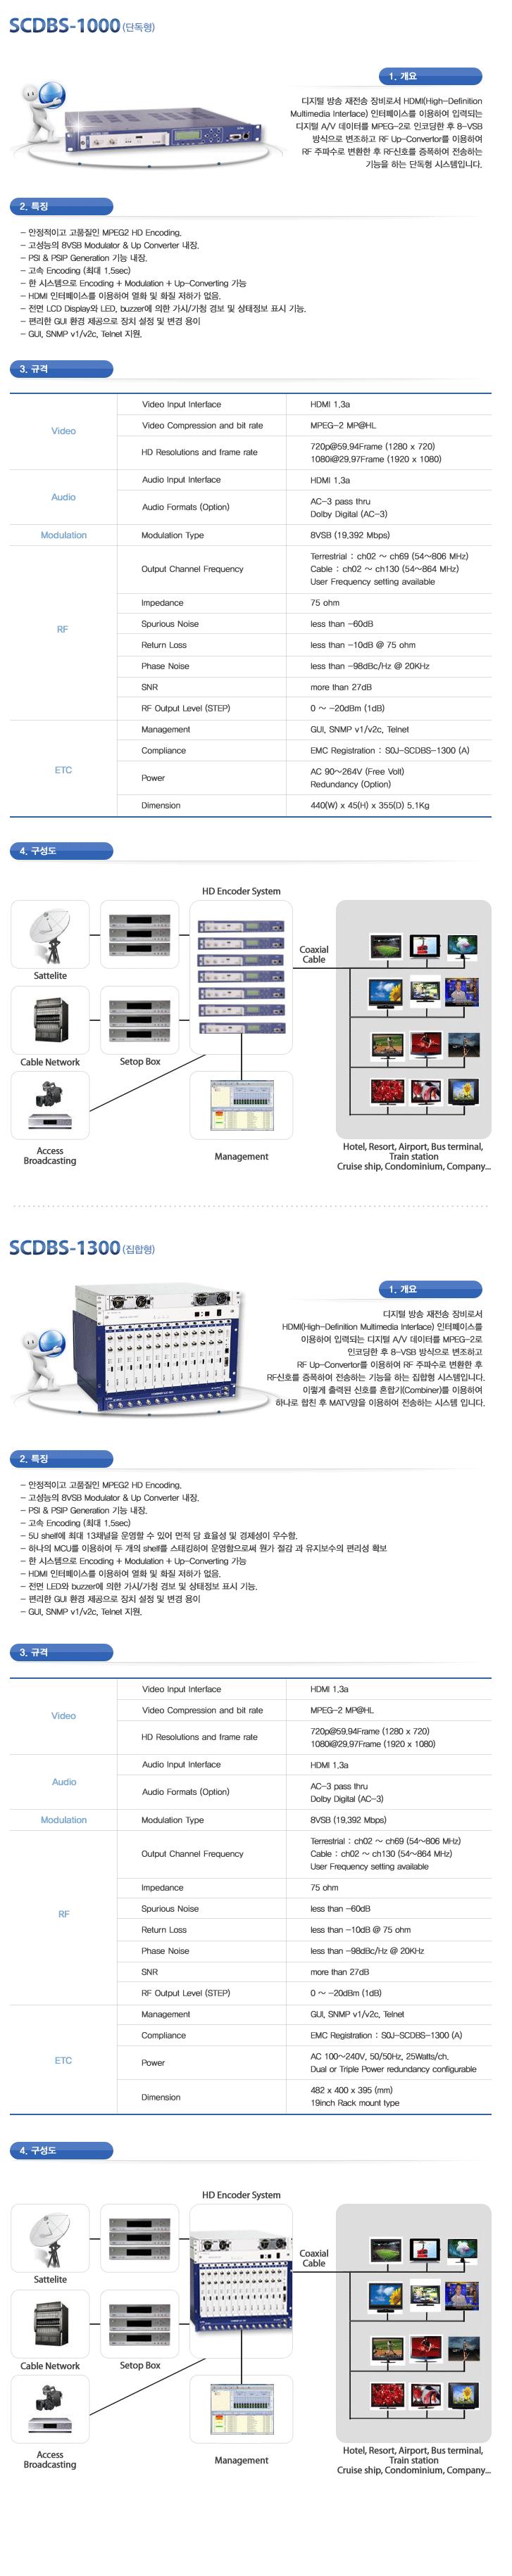 에스제이텍 방송시스템 SCDBS-1000/1300 1